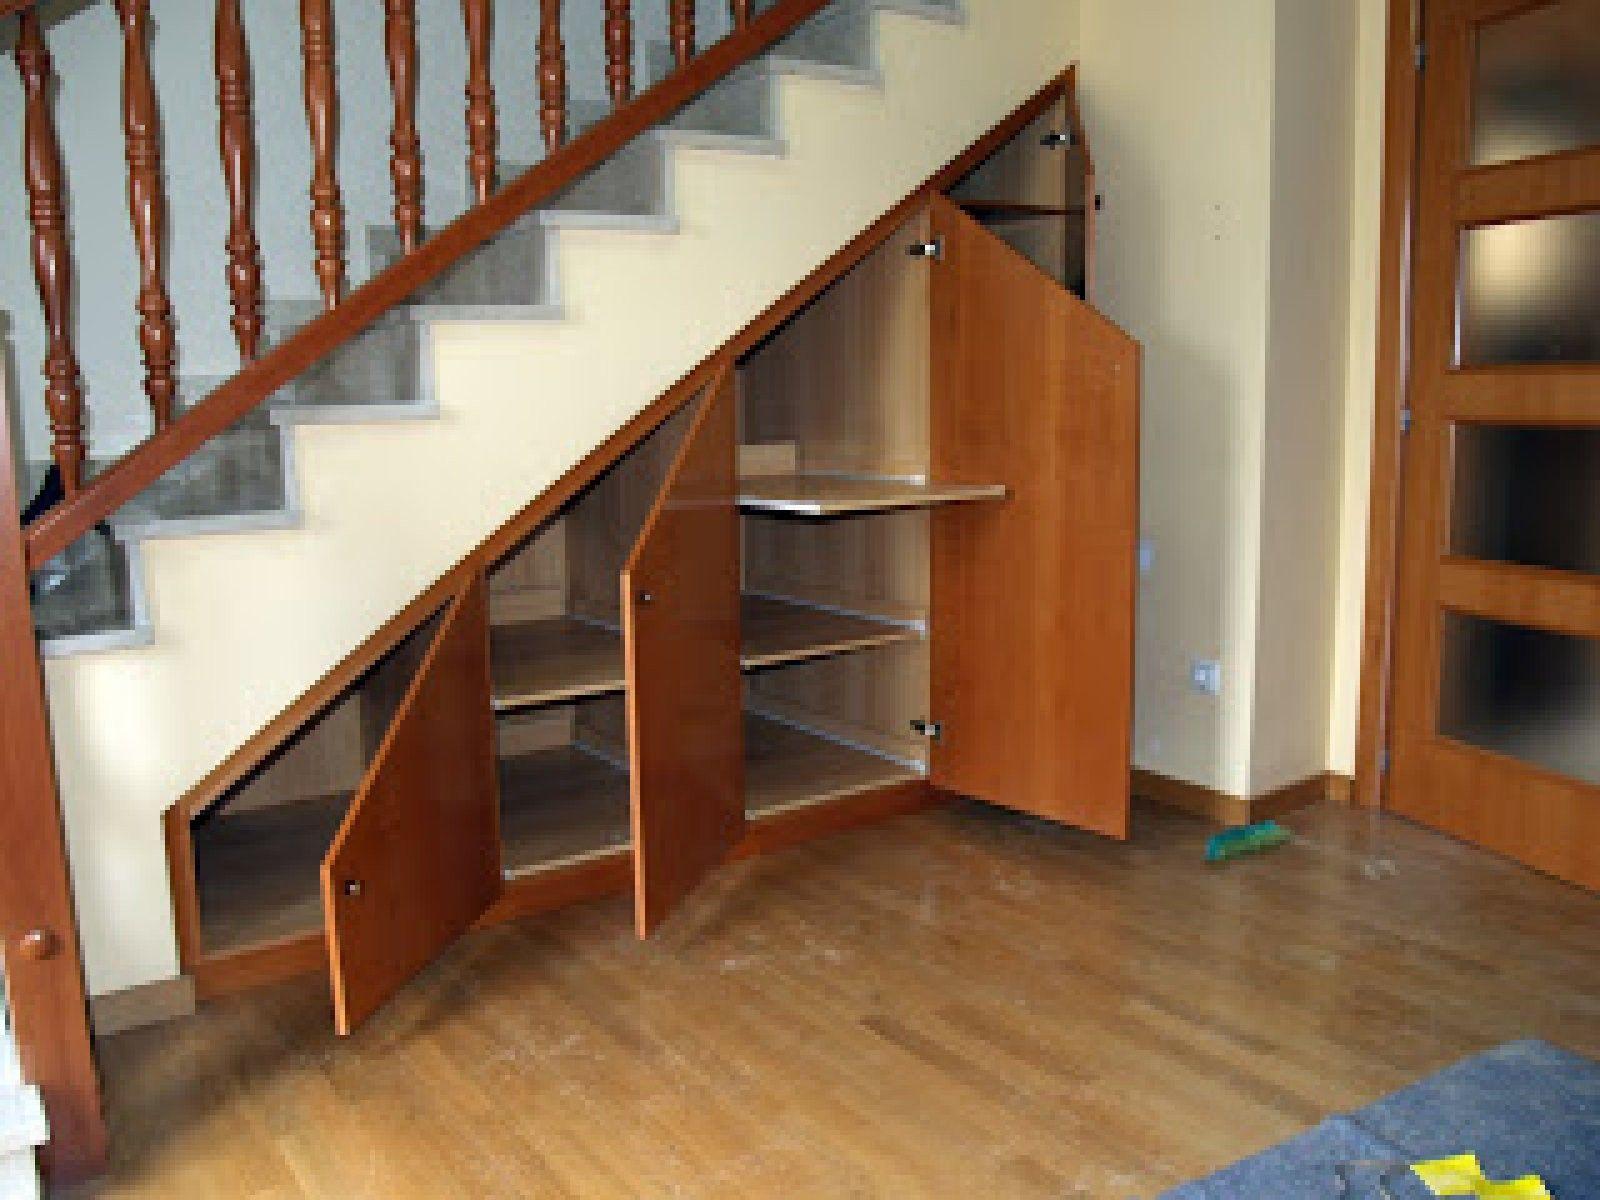 3 ideas para aprovechar el espacio de las escaleras el for Espacio escalera